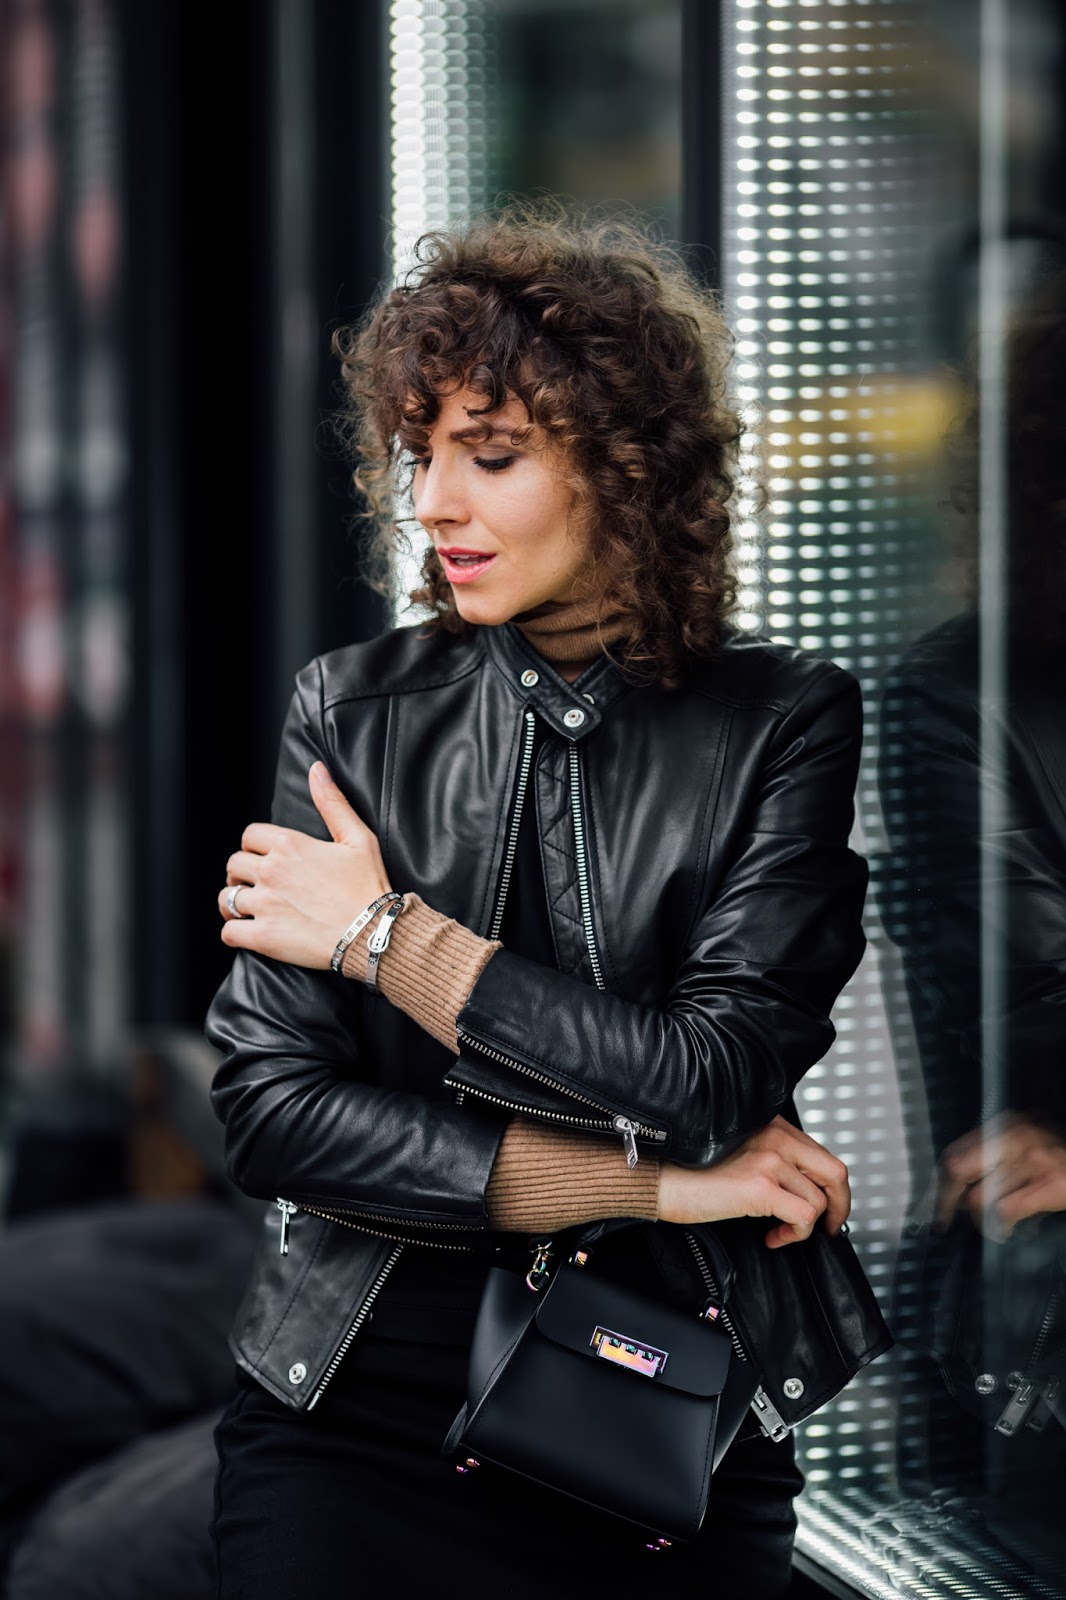 блог о моде и стиле Gilochka